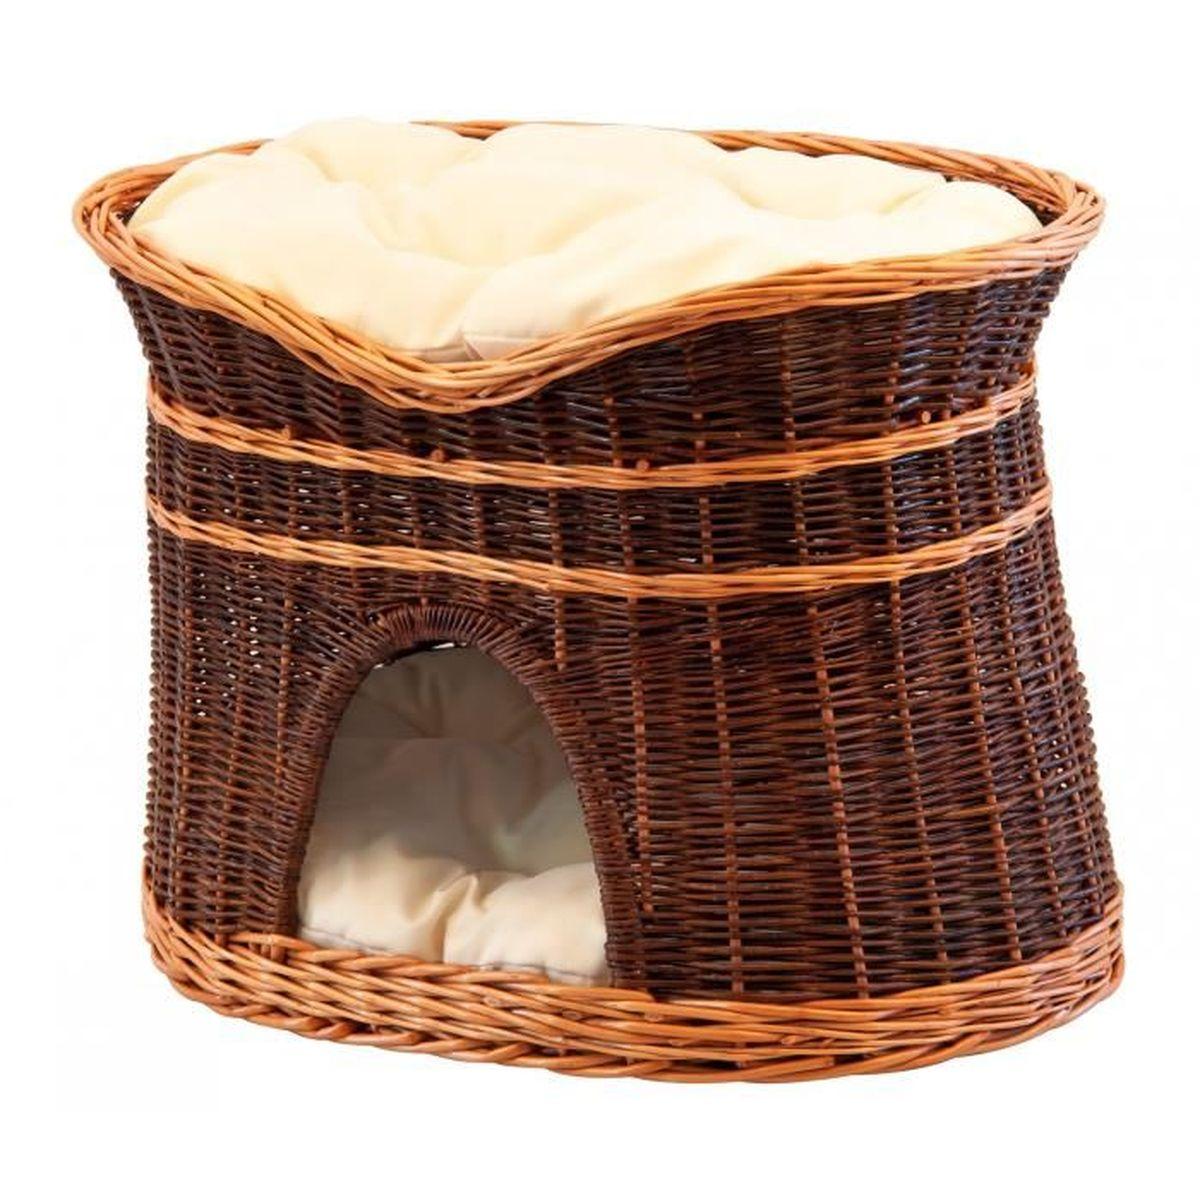 panier en osier pour chat achat vente panier en osier. Black Bedroom Furniture Sets. Home Design Ideas